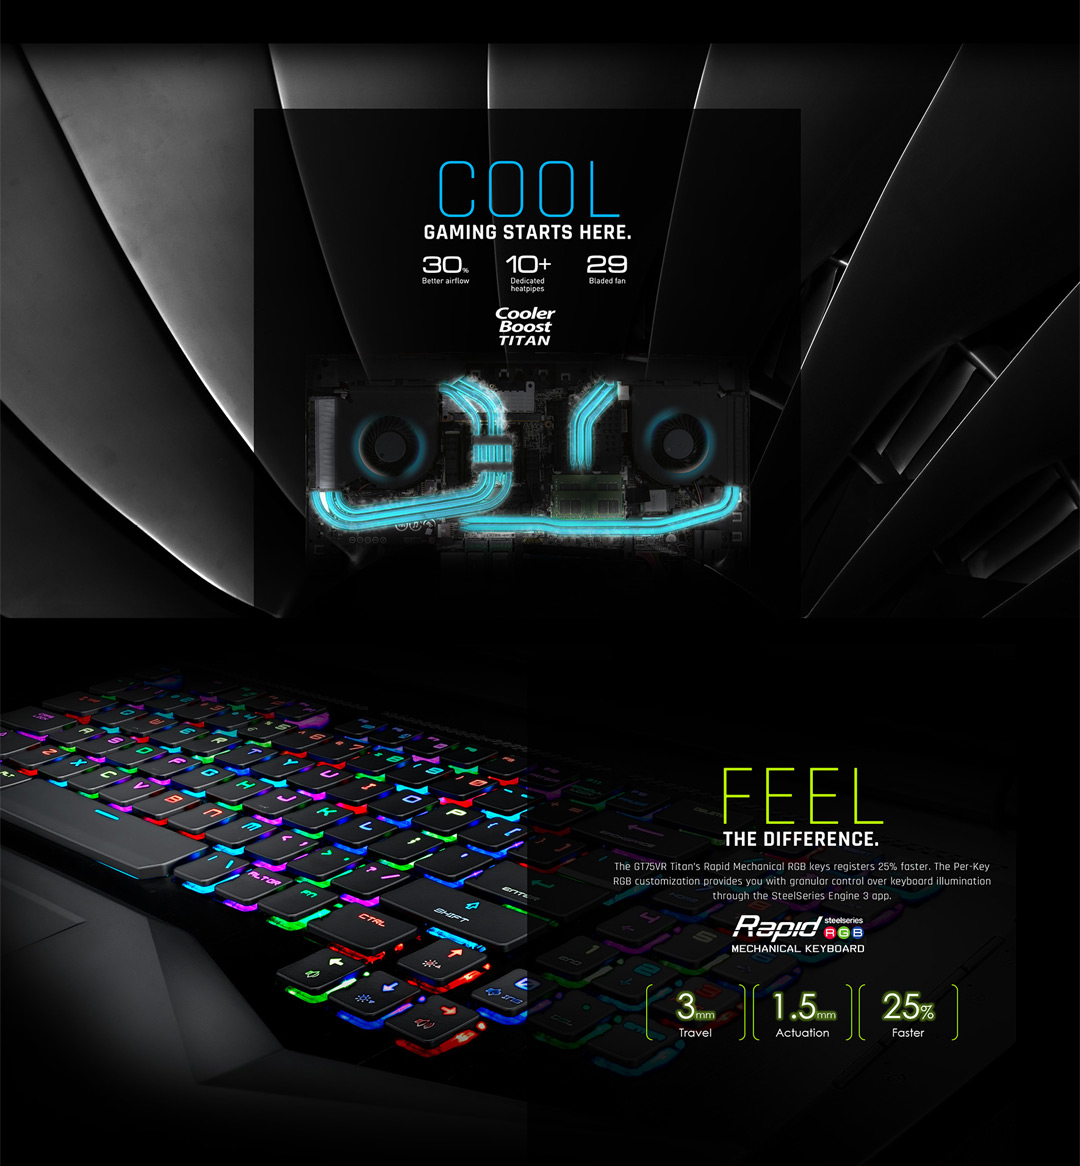 Msi Gt75 8rx Titan 093 Nvidia Gtx 1080 Desktop Gpu 8gb